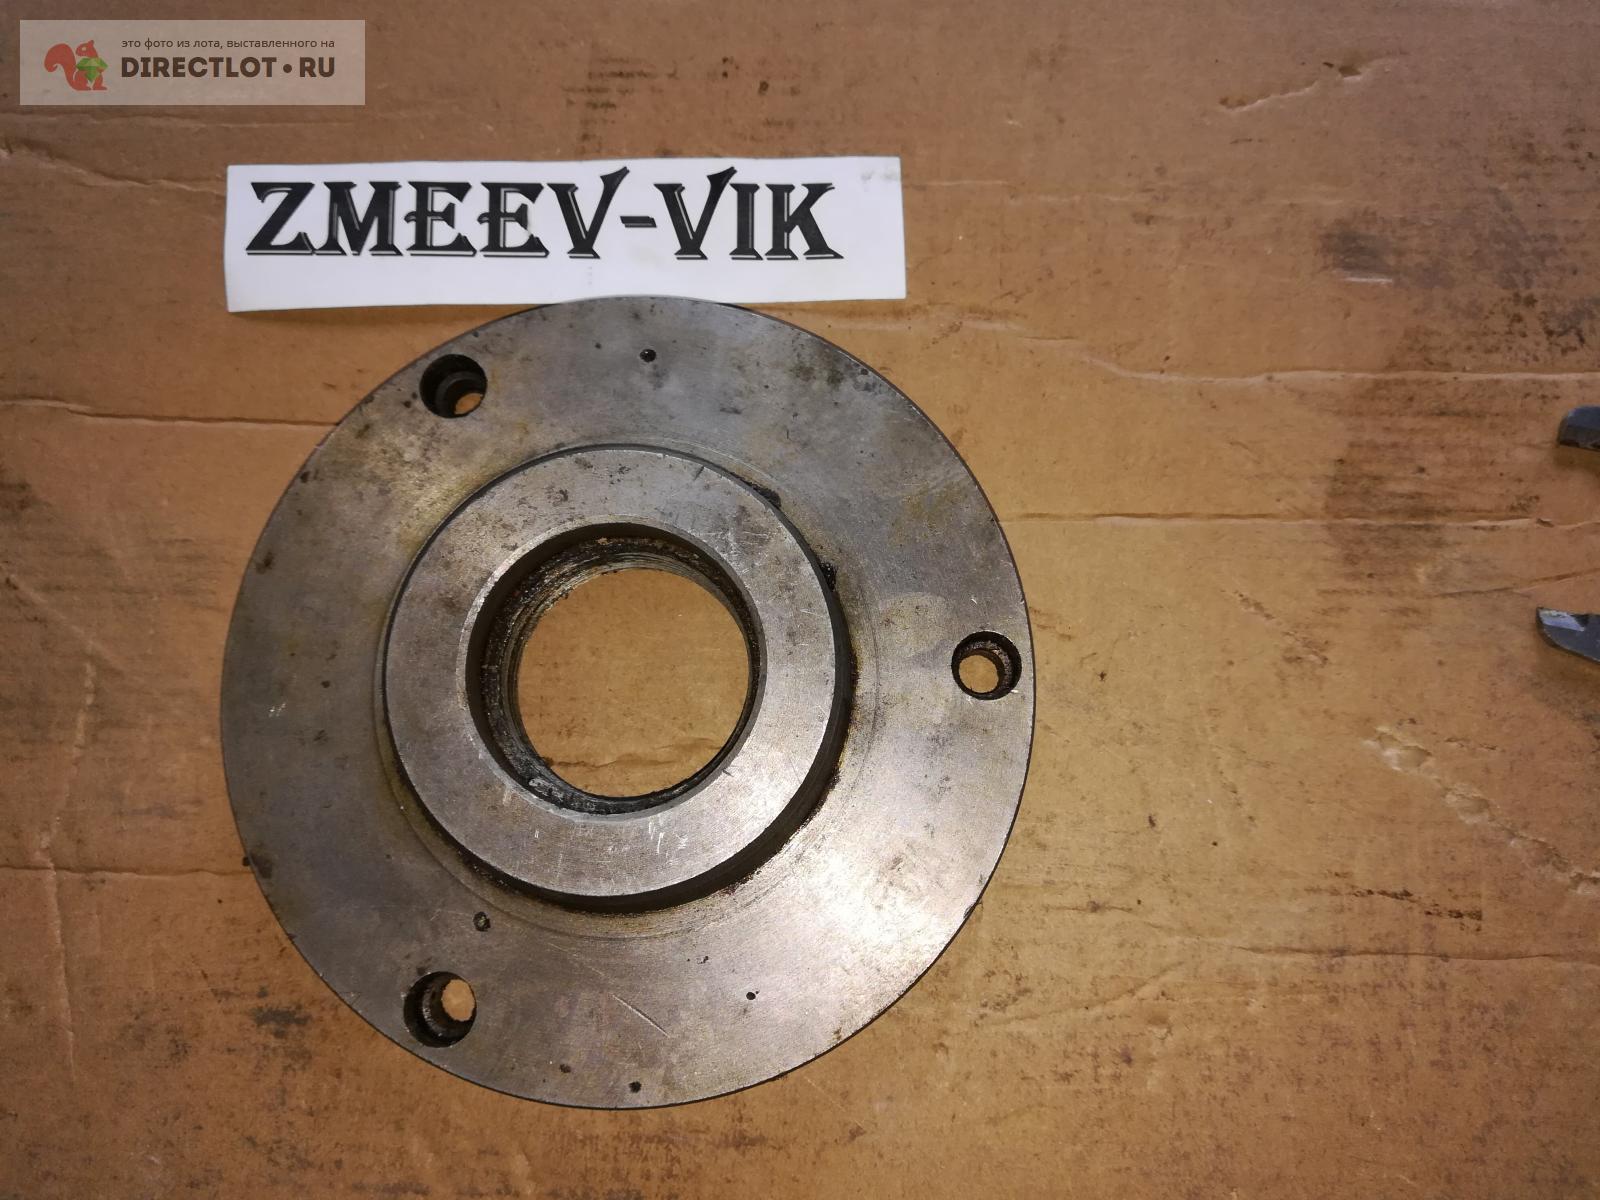 Изготовление планшайбы для токарного станка | все про металл